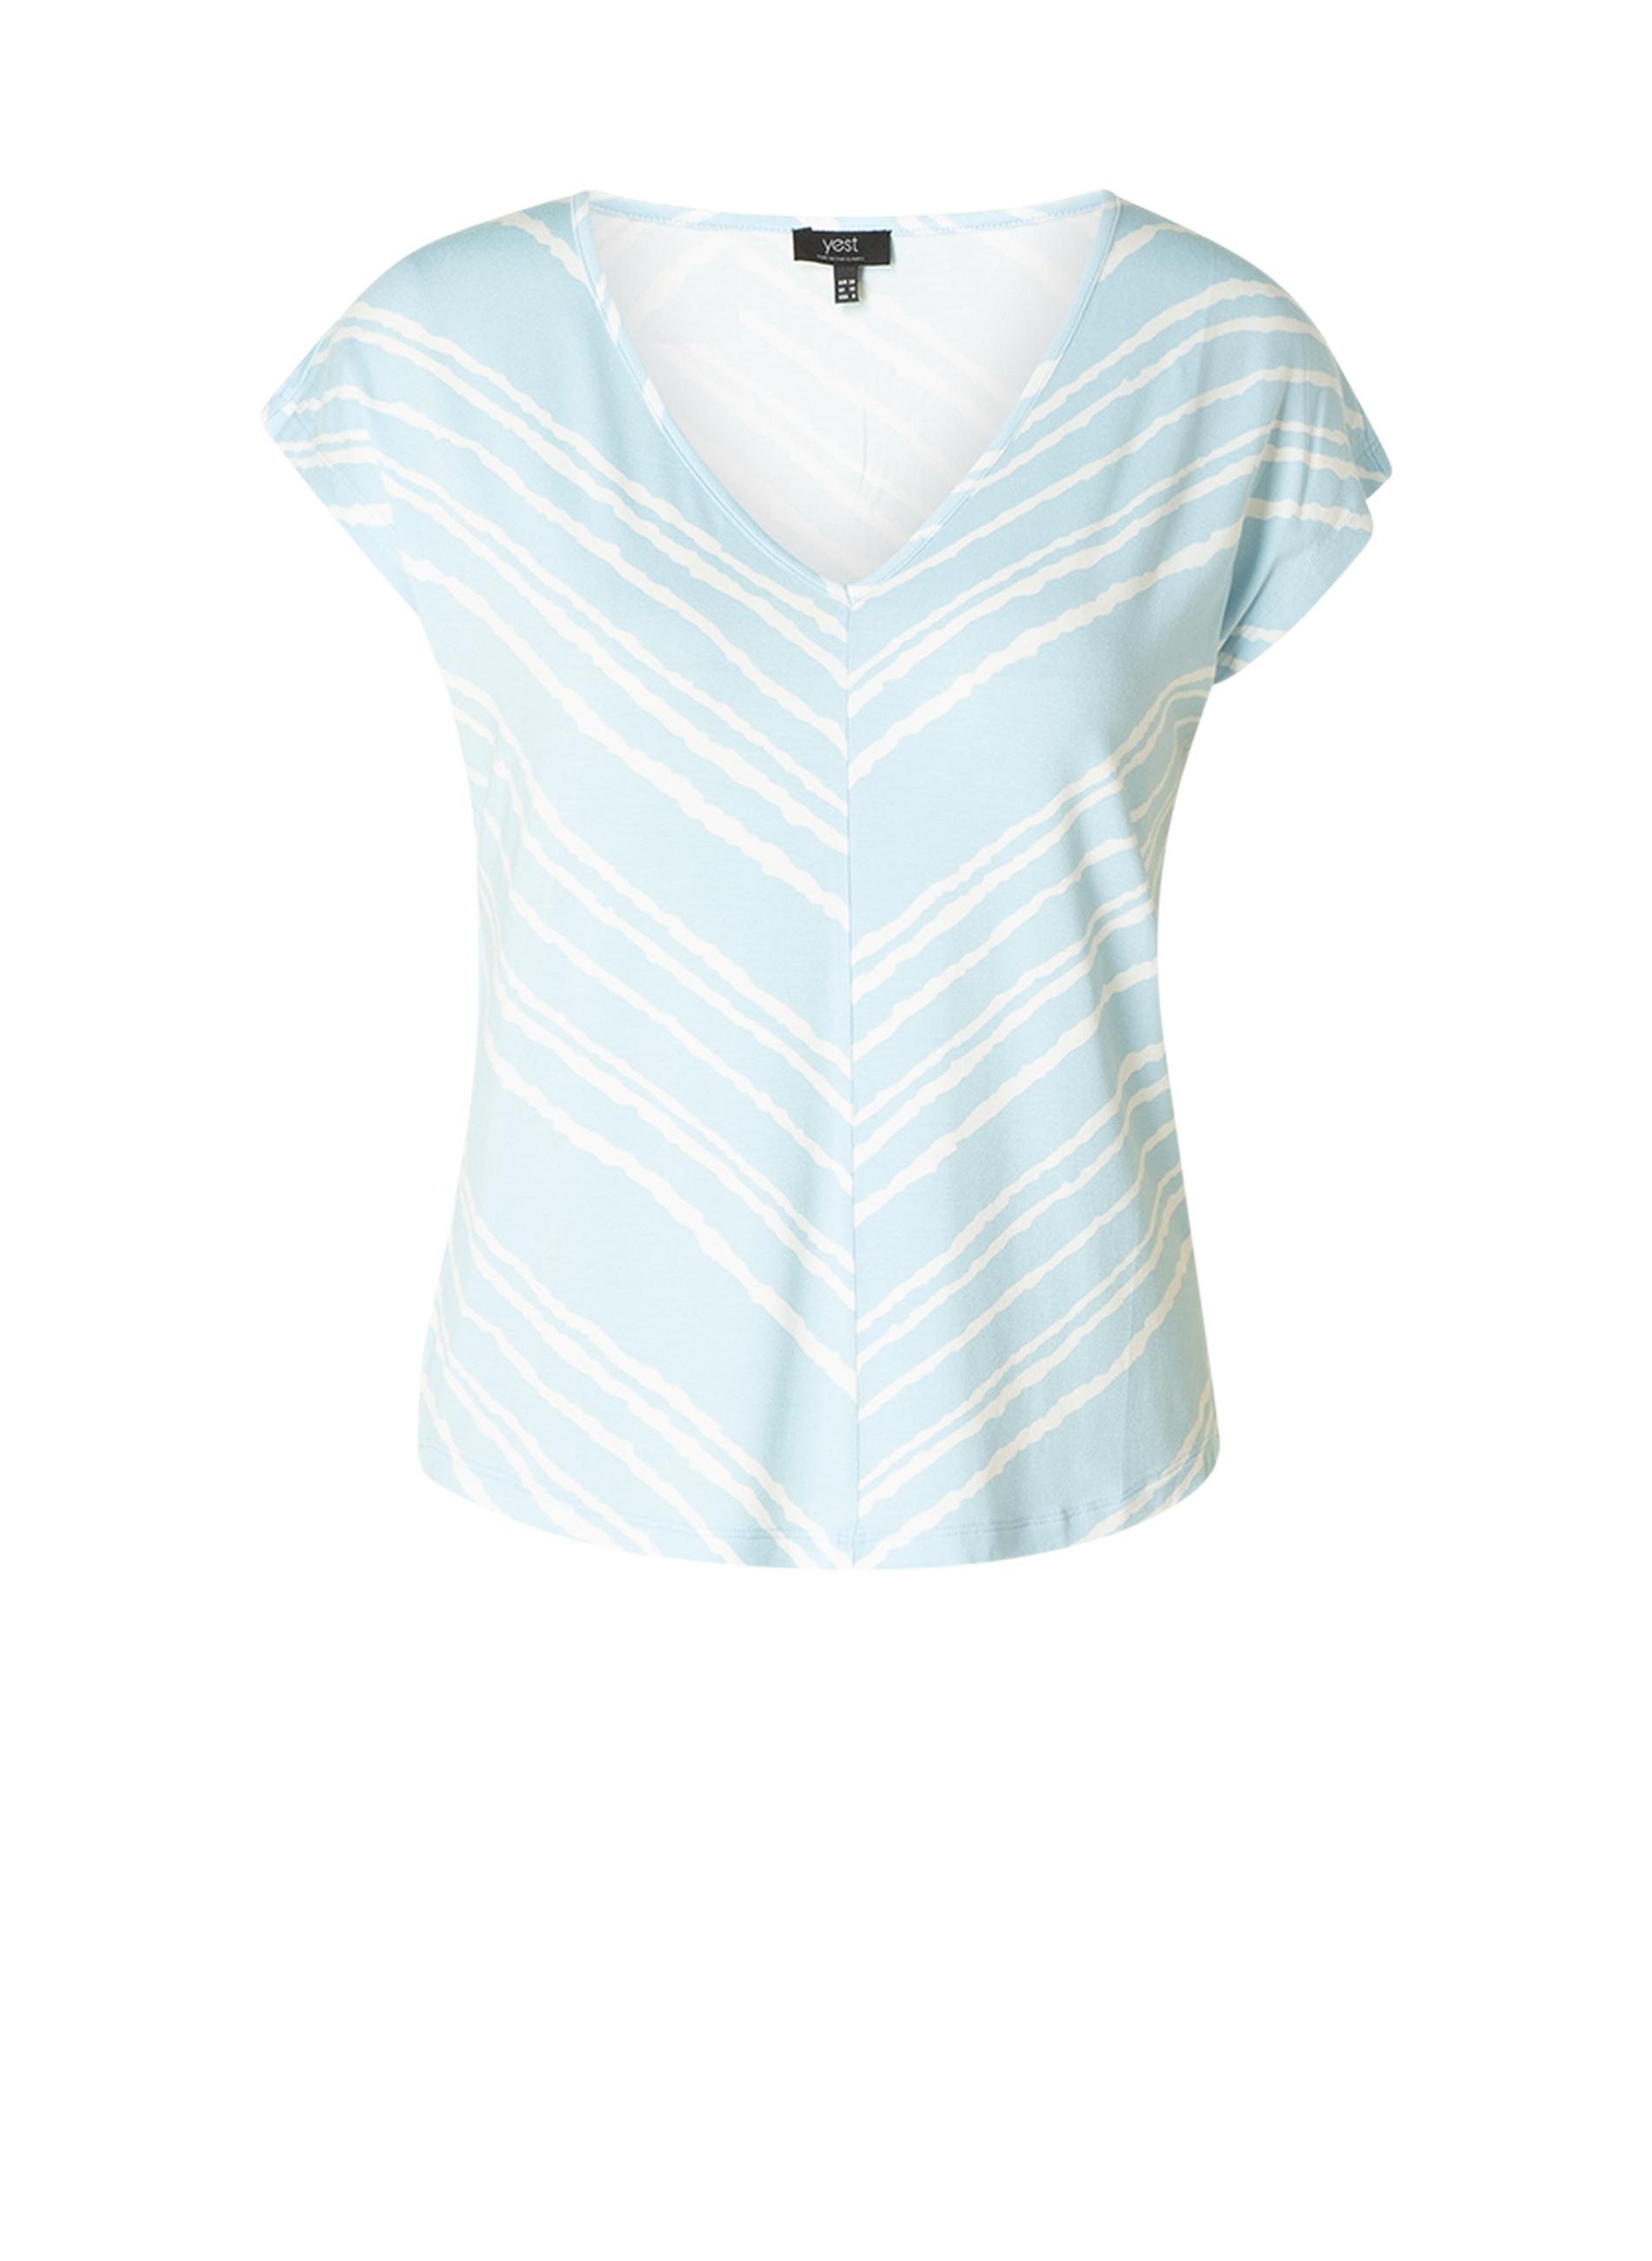 Yesta shirt Laurens 78 cm